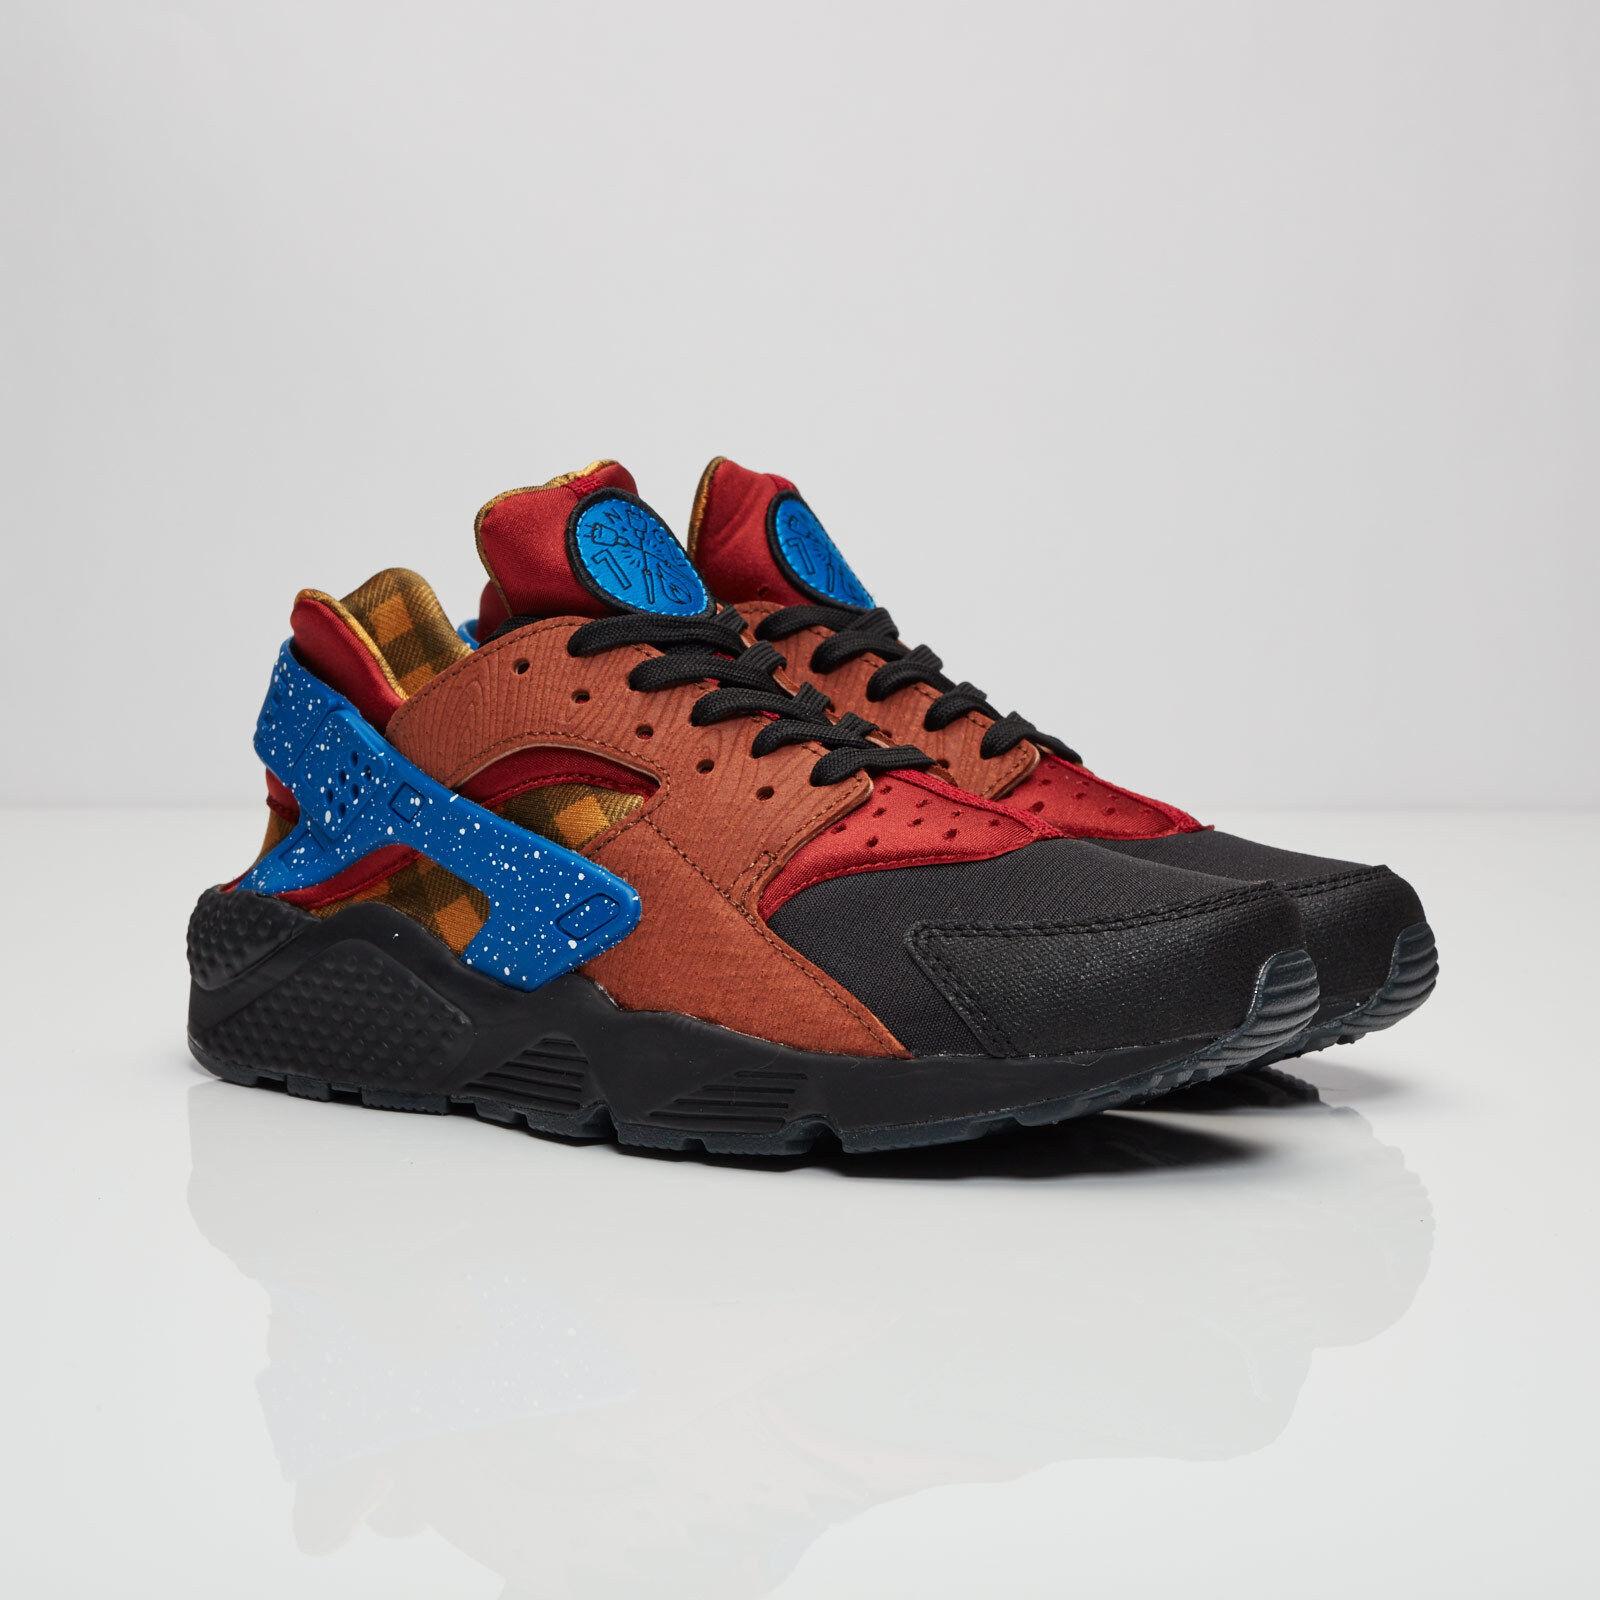 Nike Air Huarache noir Unisex blanc Emerald Unisex noir Gym fonctionnement Trainers Sneakers 4d50ae